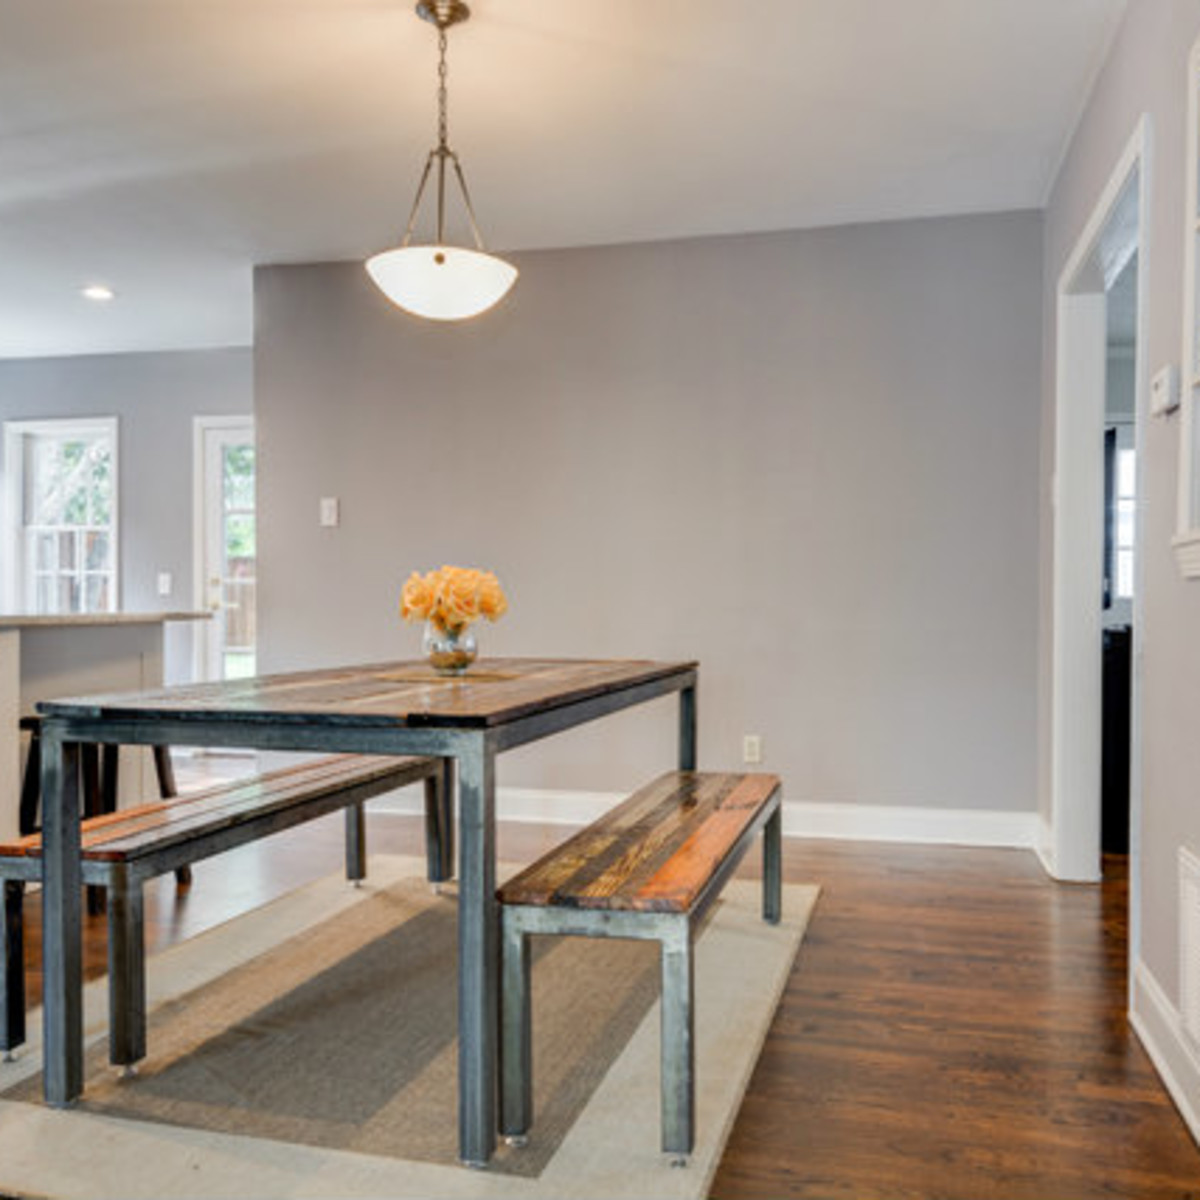 614 W. Colorado Blvd. house for sale in Dallas